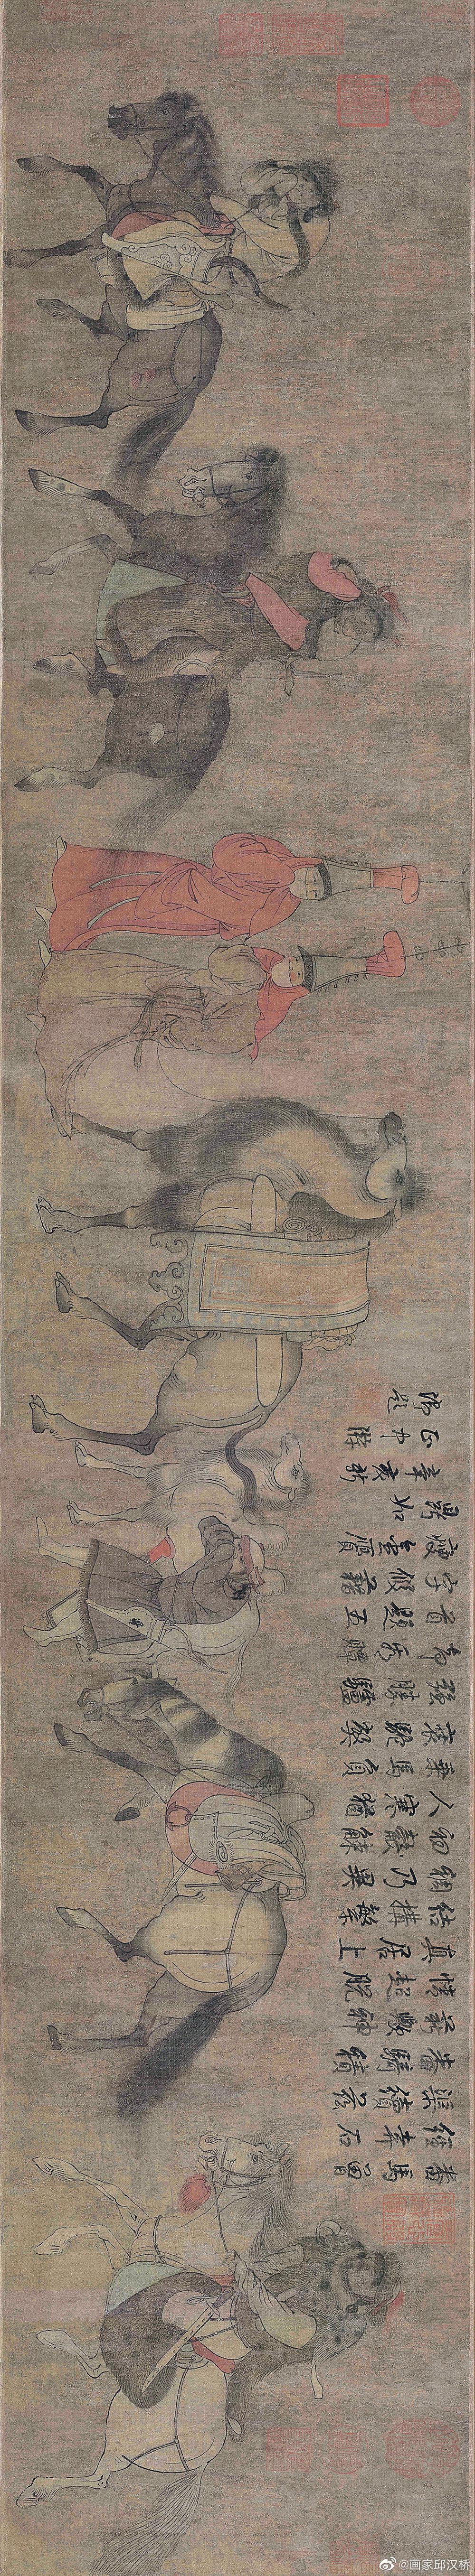 《番骑图》,元代,胡环(传),绢本设色,纵26.2厘米,横143